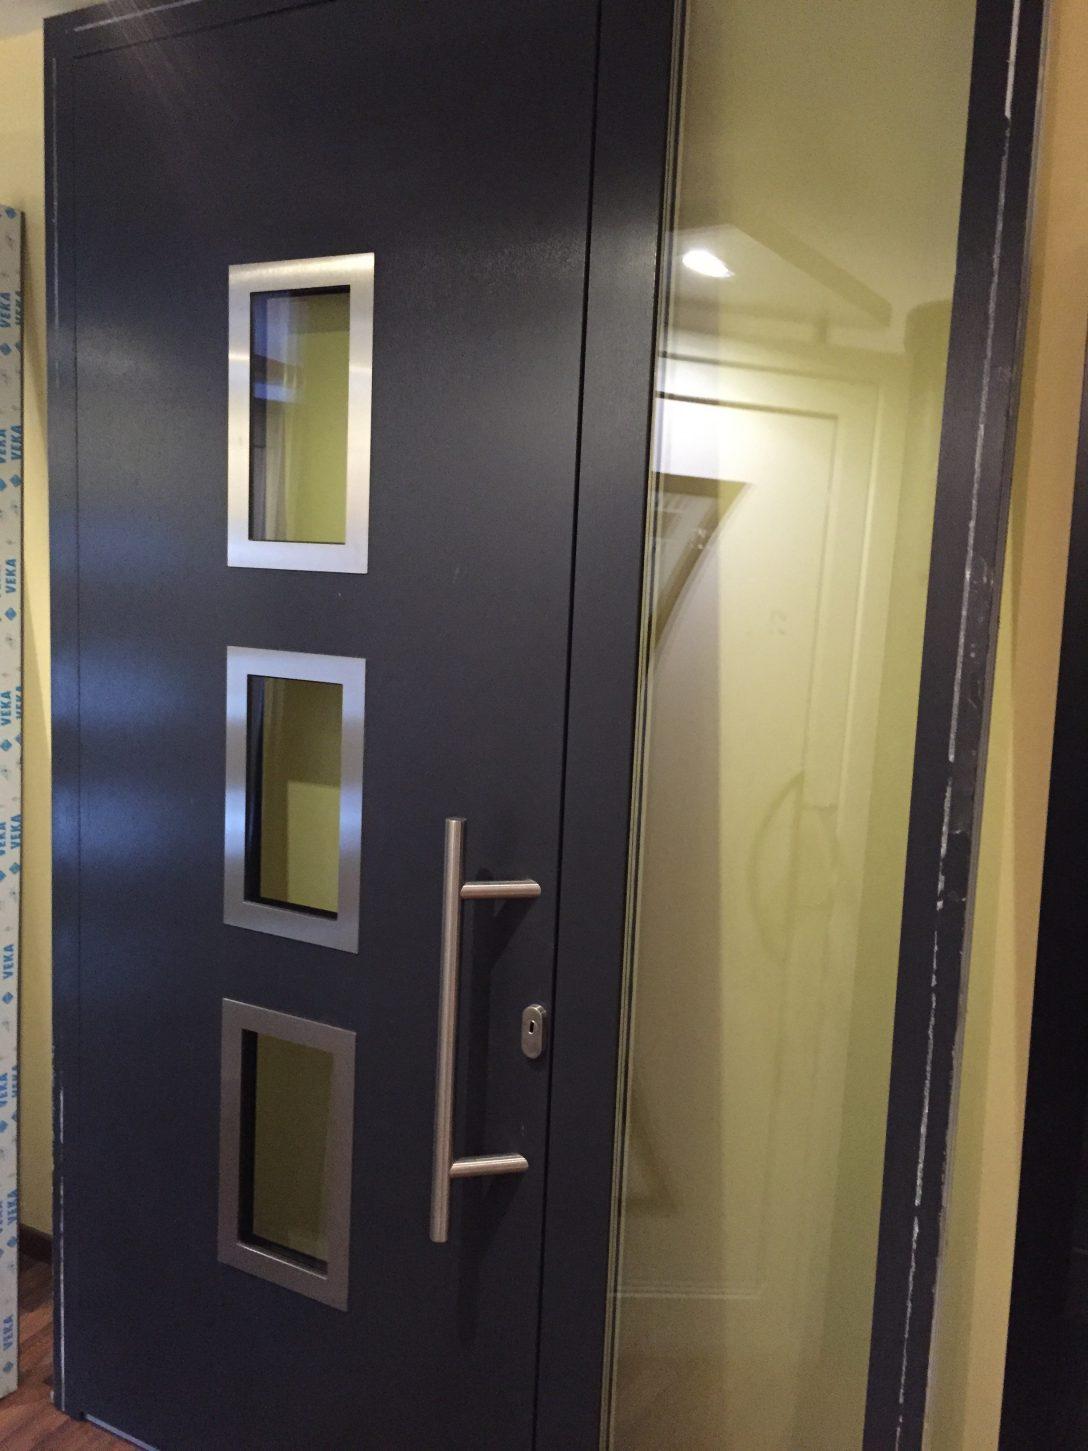 Large Size of Fenster Günstig Kaufen Klebefolie Velux Einbauen Jalousie Gebrauchte Küche Verkaufen Bett Sofa 140x200 Einbruchschutz Stange Dusche Regale Flachdach Fenster Fenster Günstig Kaufen